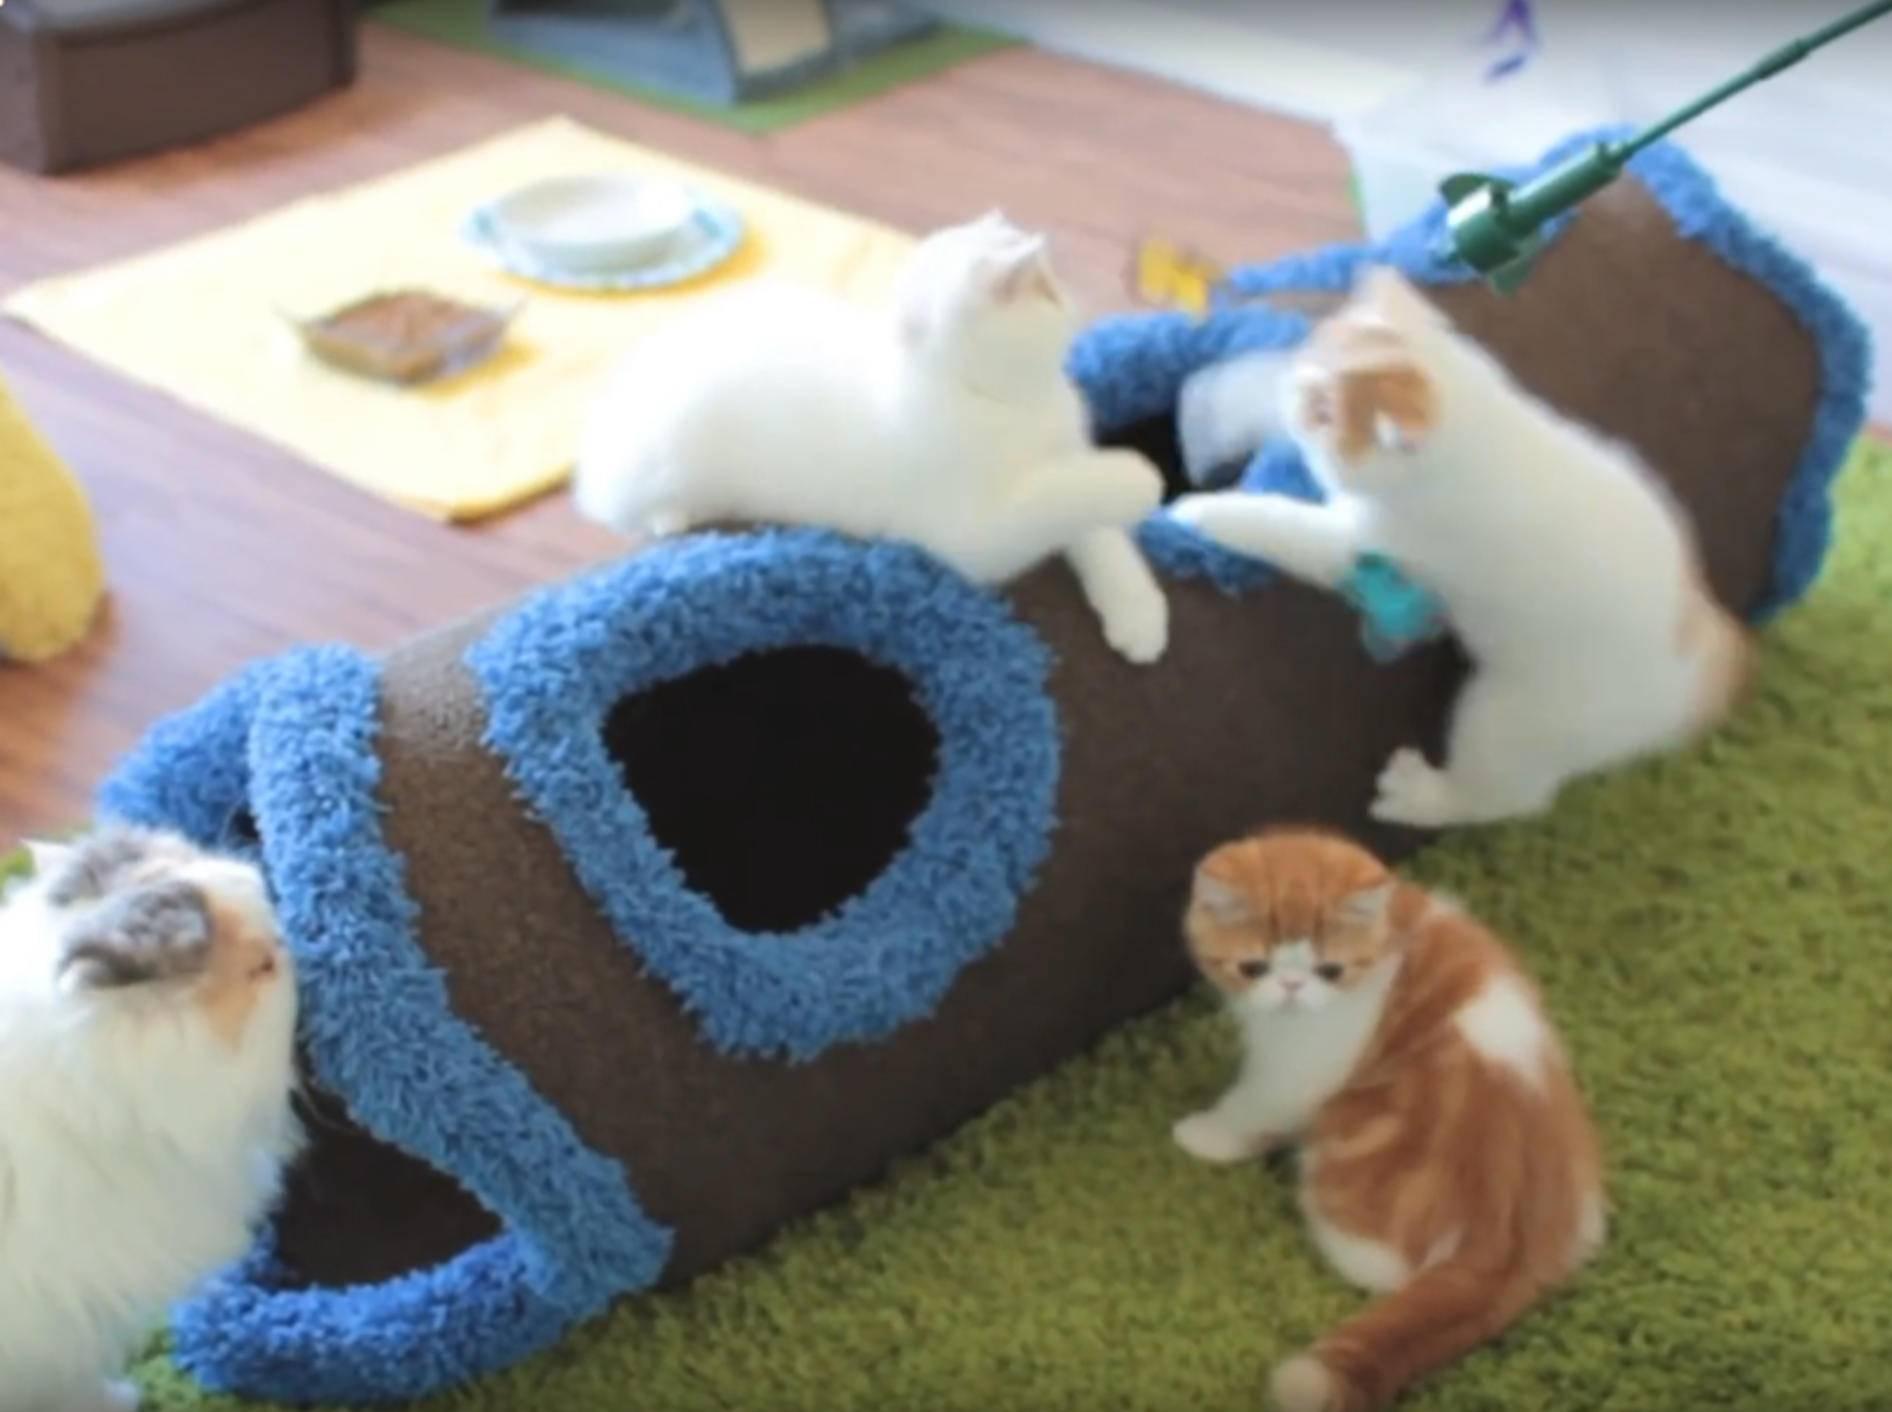 Wuschelige Perserkätzchen spielen mit ihrer Schwester – YouTube / sweetfurx4